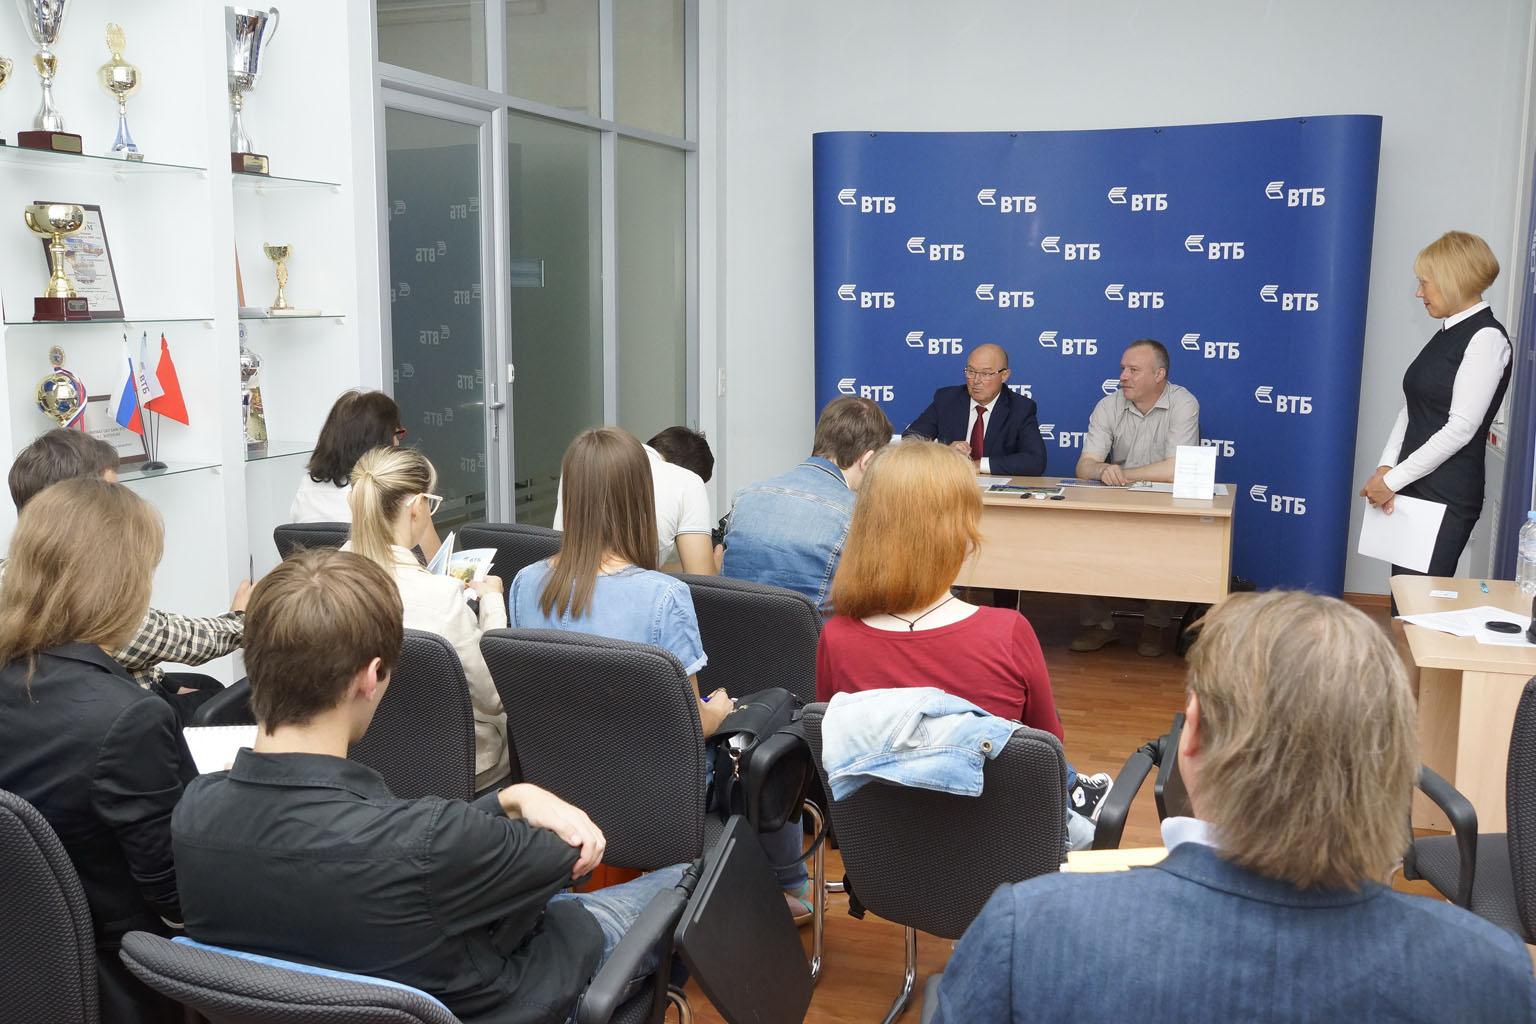 «Шедевры мировой живописи» - пресс-конференция «ВТБ»